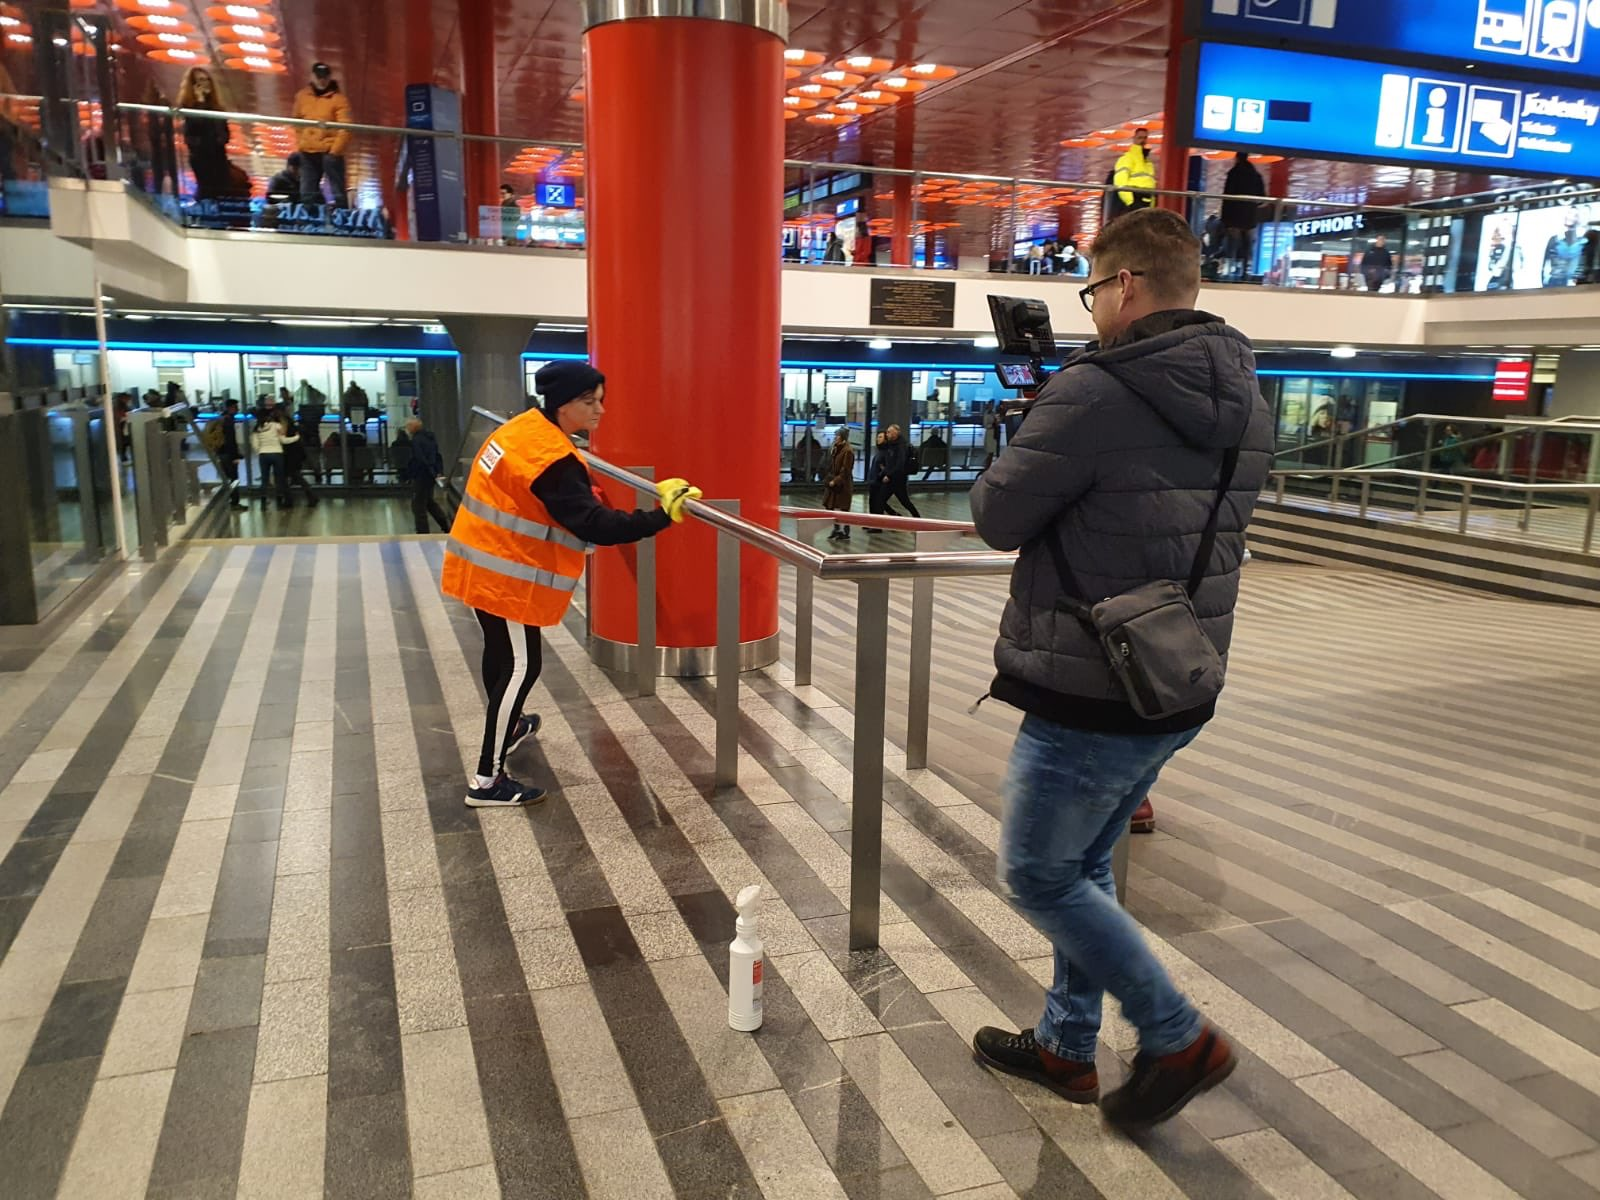 Boj s viry, pražské hlavní nádraží. Pramen: Správa železnic